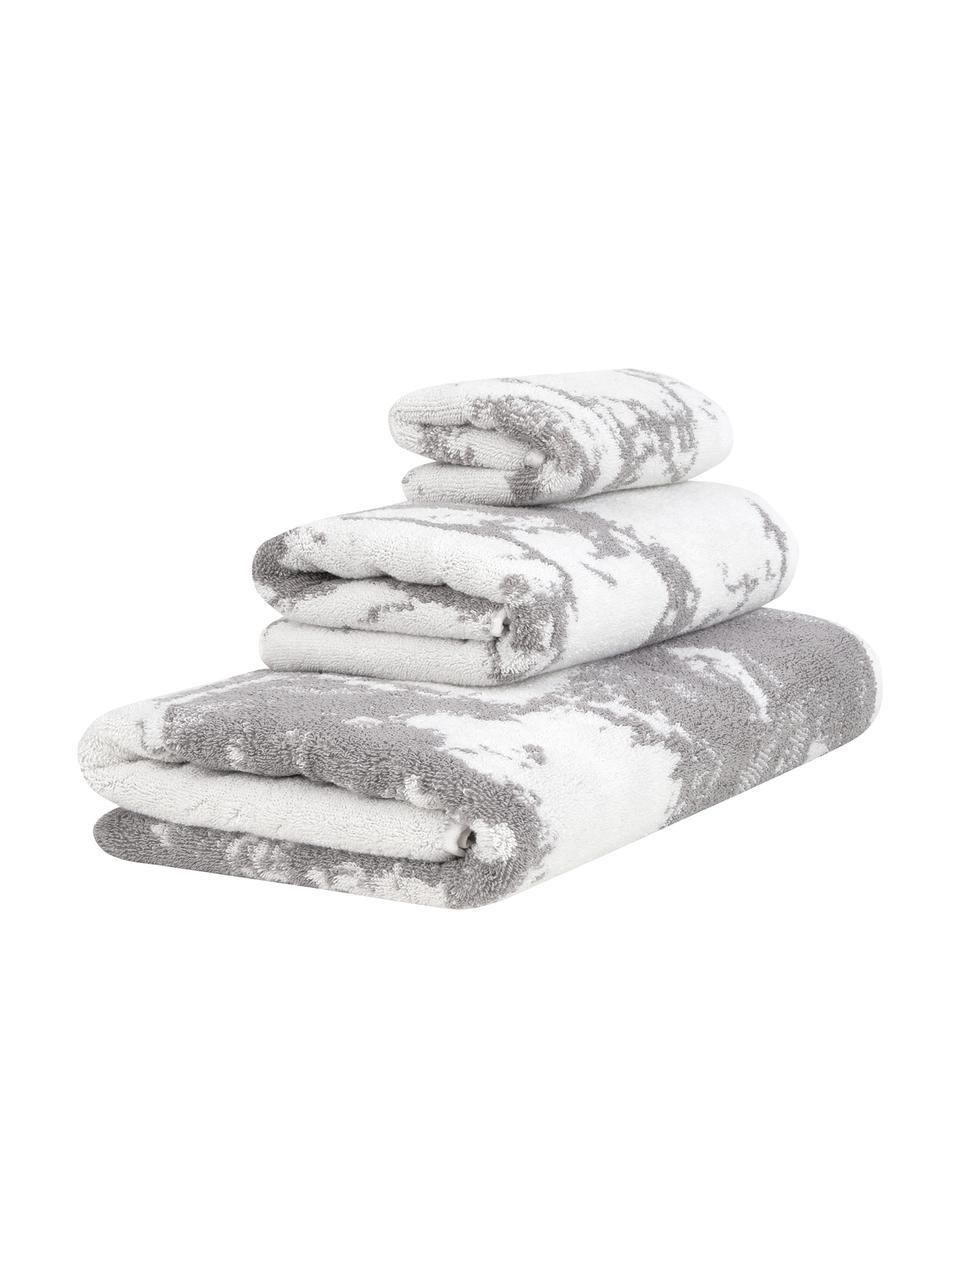 Handtuch-Set Malin mit Marmor-Print, 3-tlg., Grau, Cremeweiß, Sondergrößen